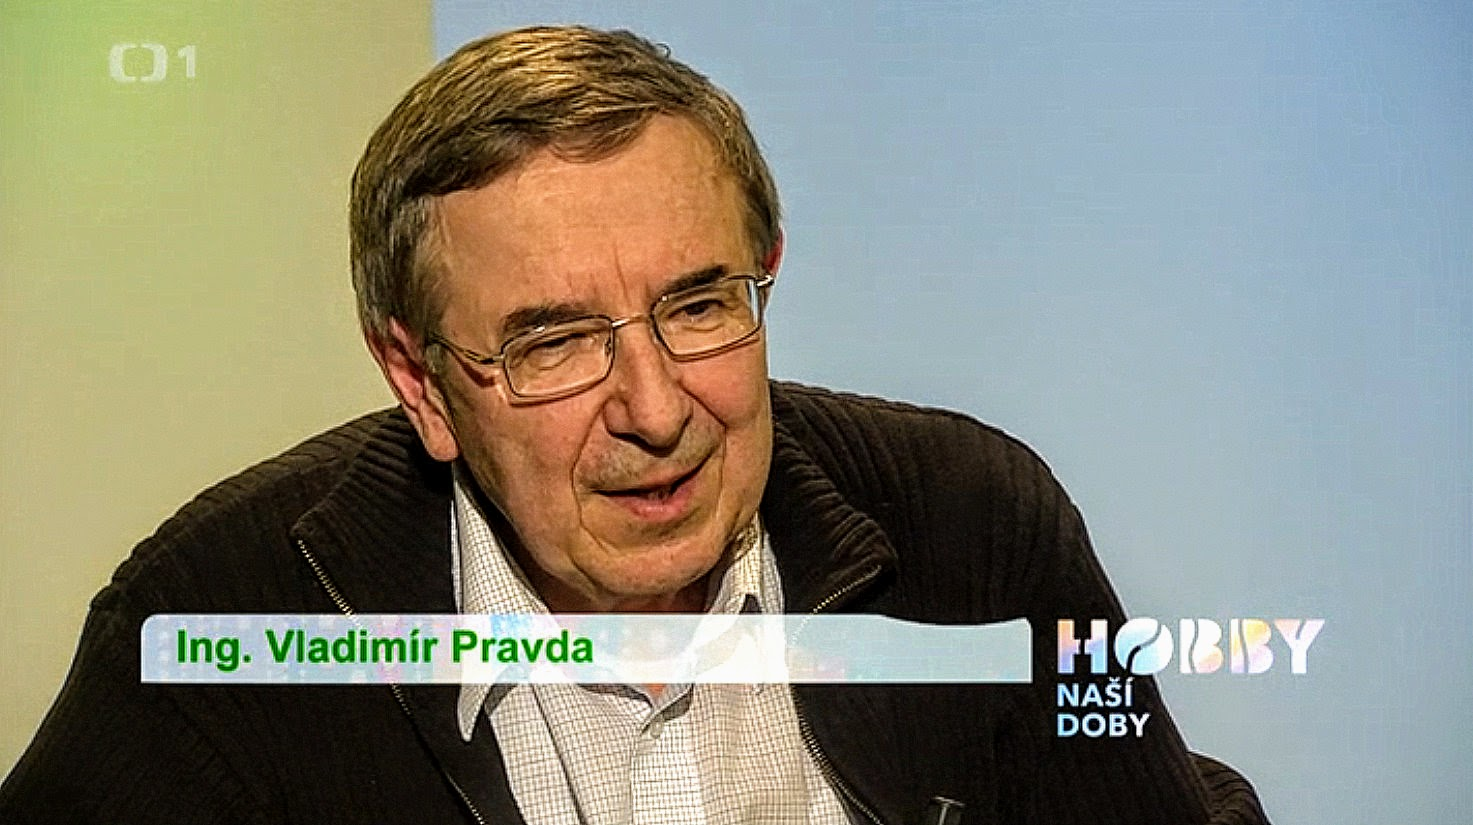 Ing. Vladimír Pravda, houby, které rostou v zimě